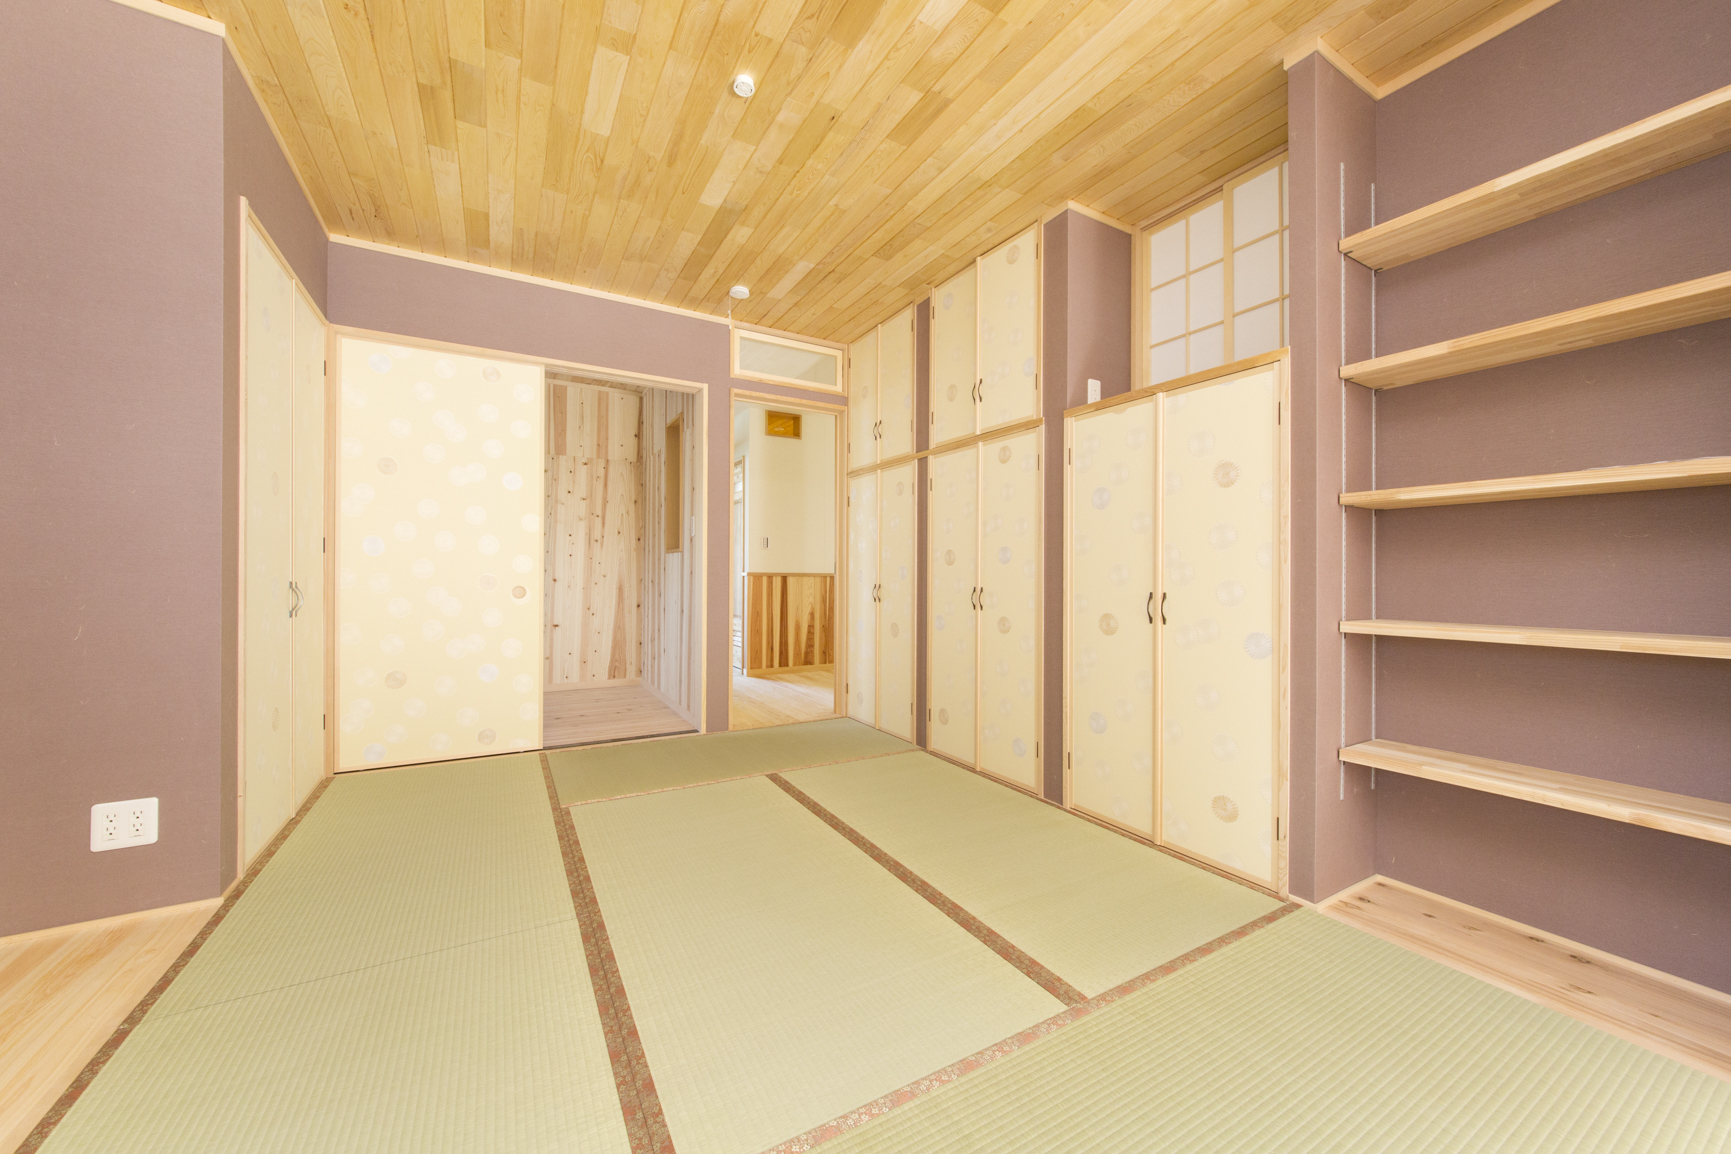 和室収納の例、クボデラ㈱施工